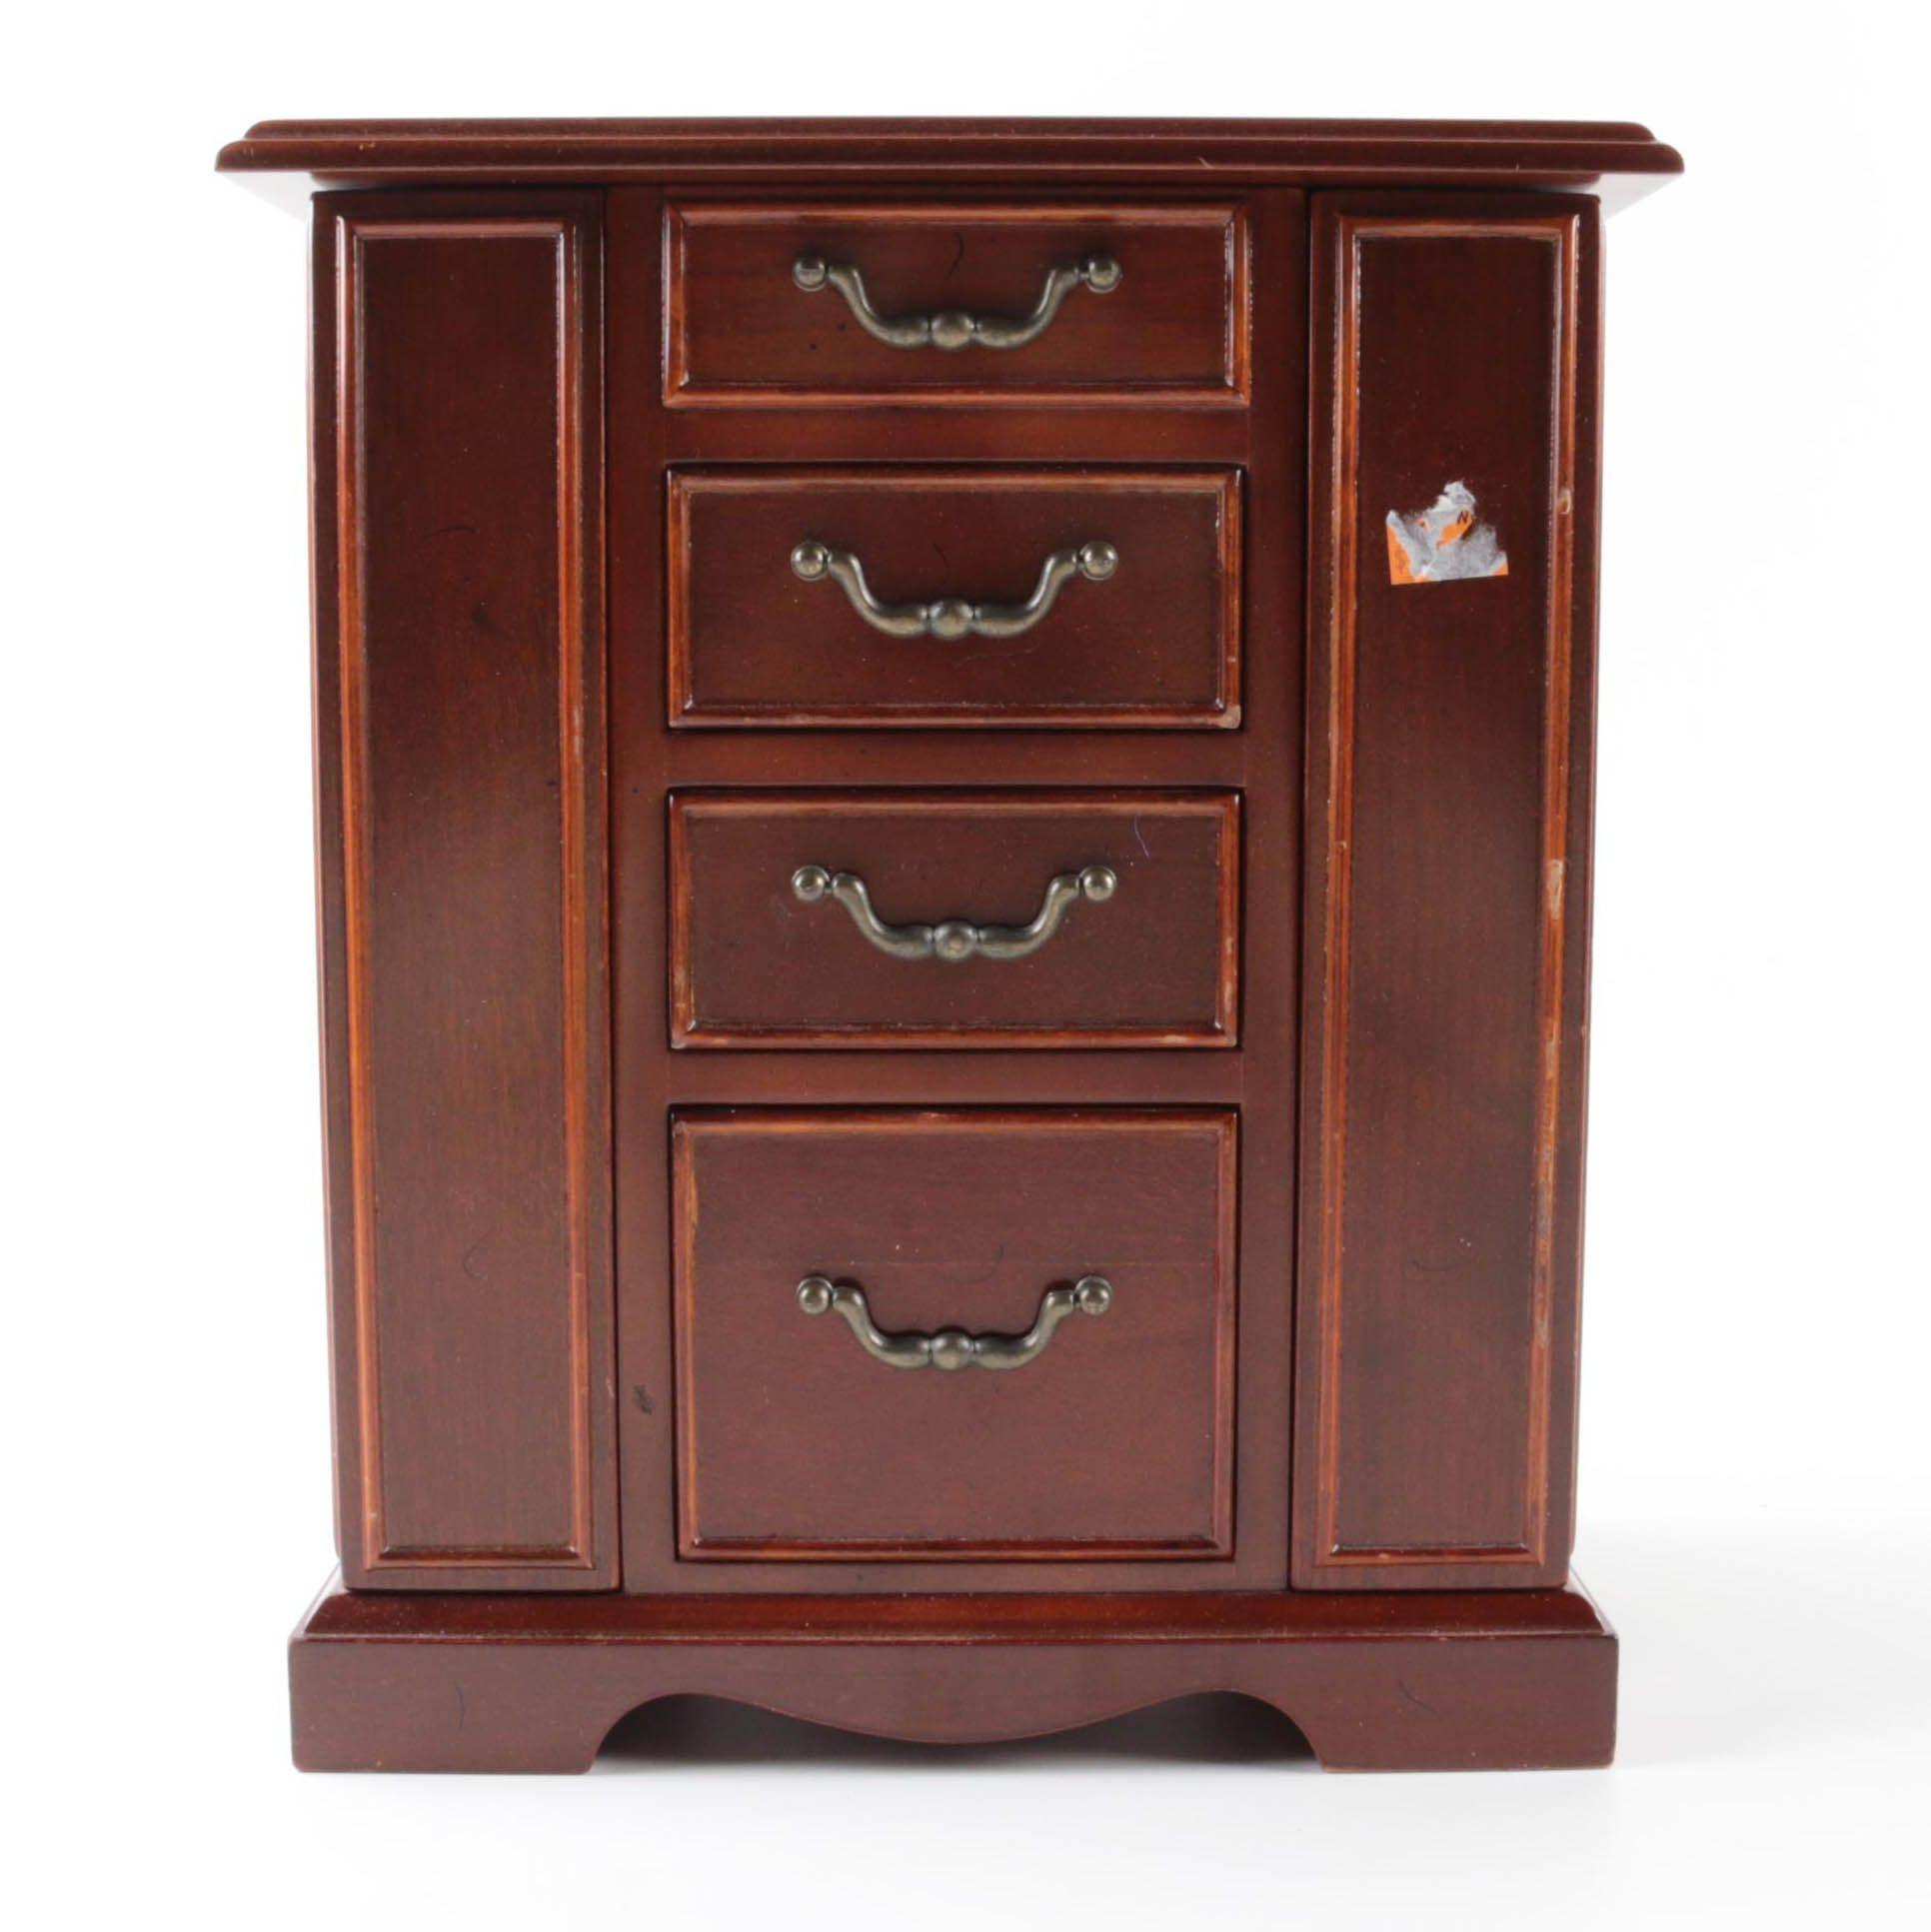 Bombay Company Wooden Jewelry Box